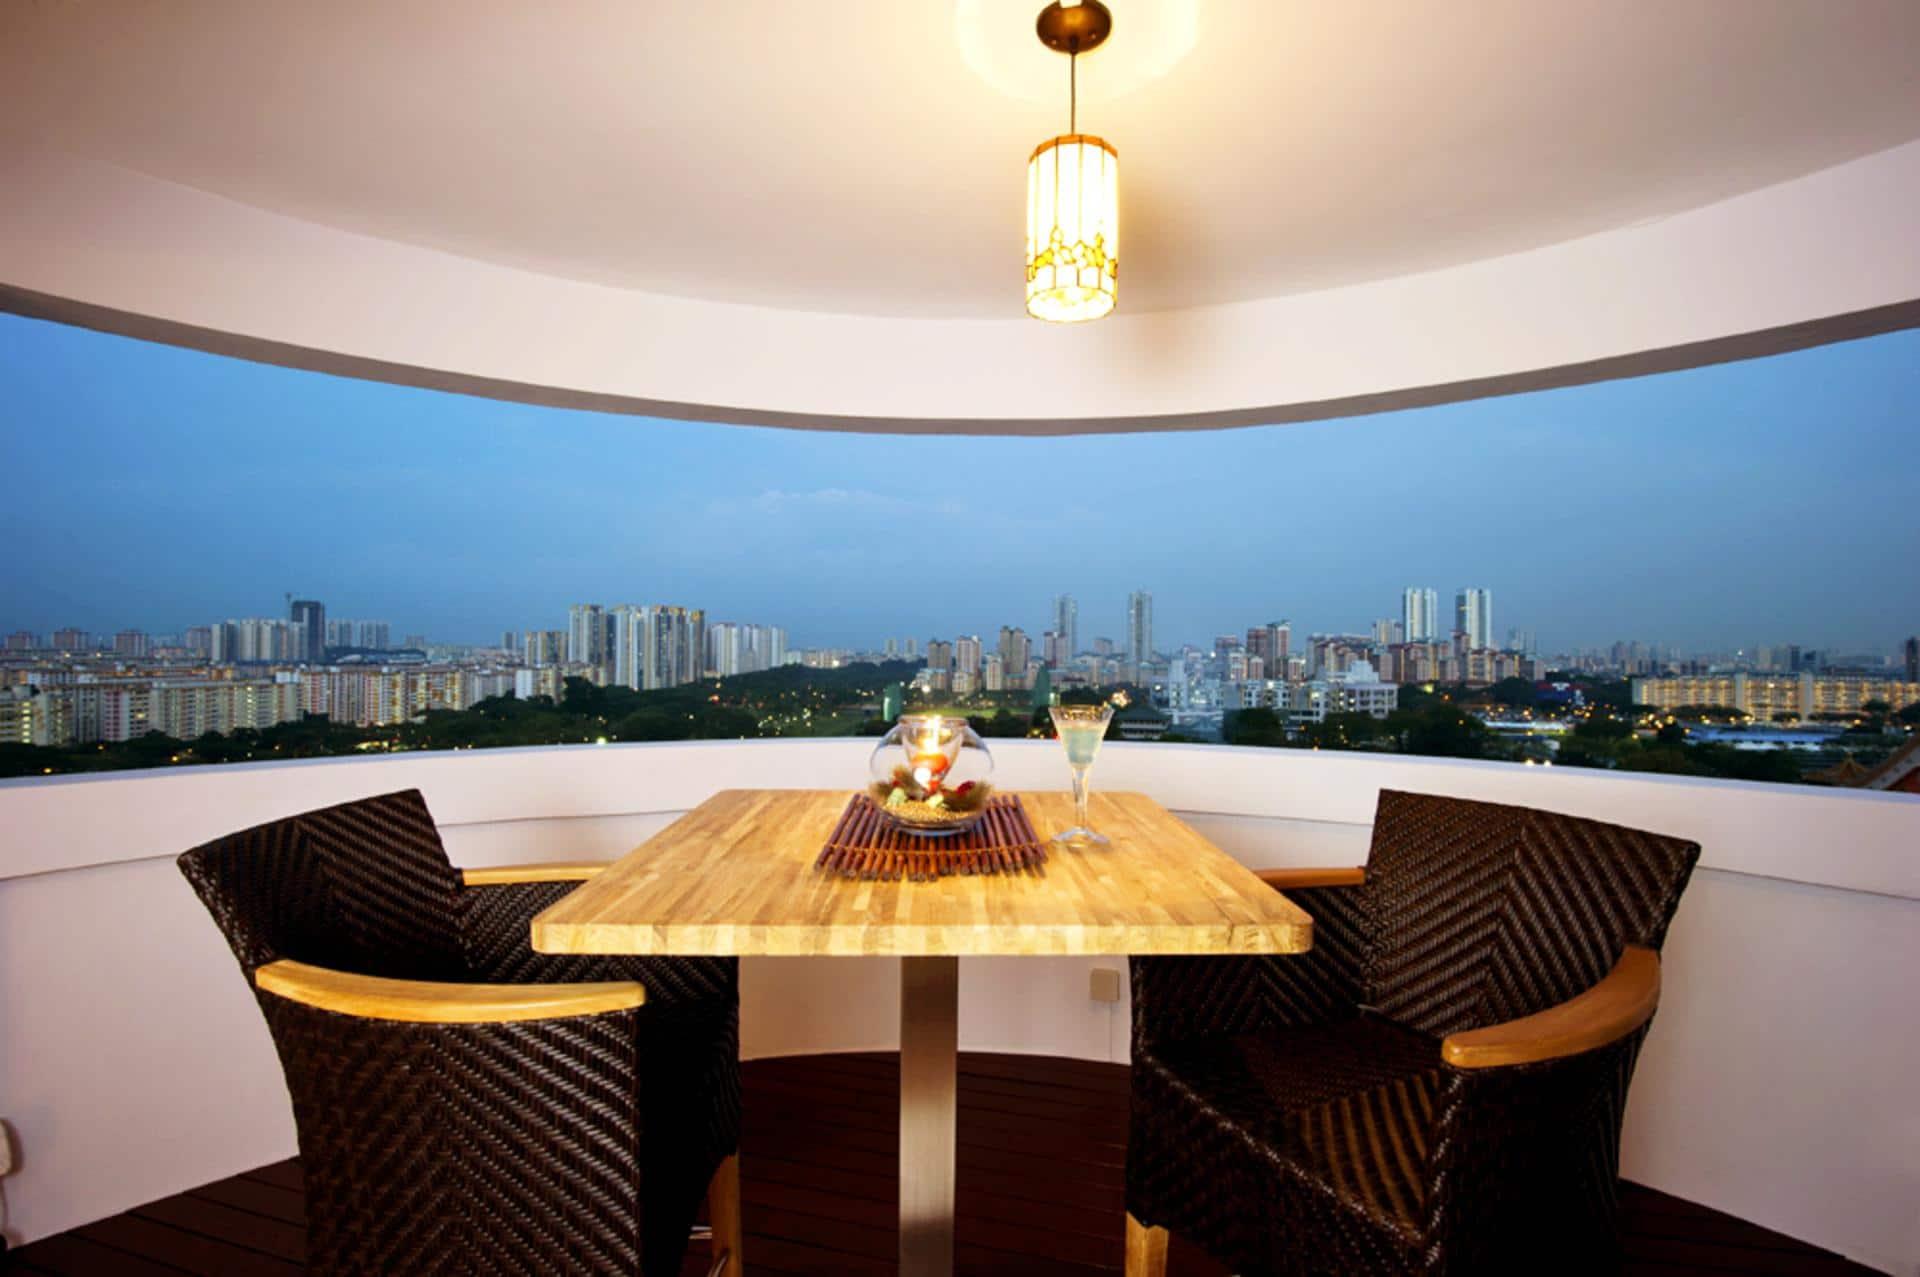 Nest design 20 home renovation singapore for Nest home design